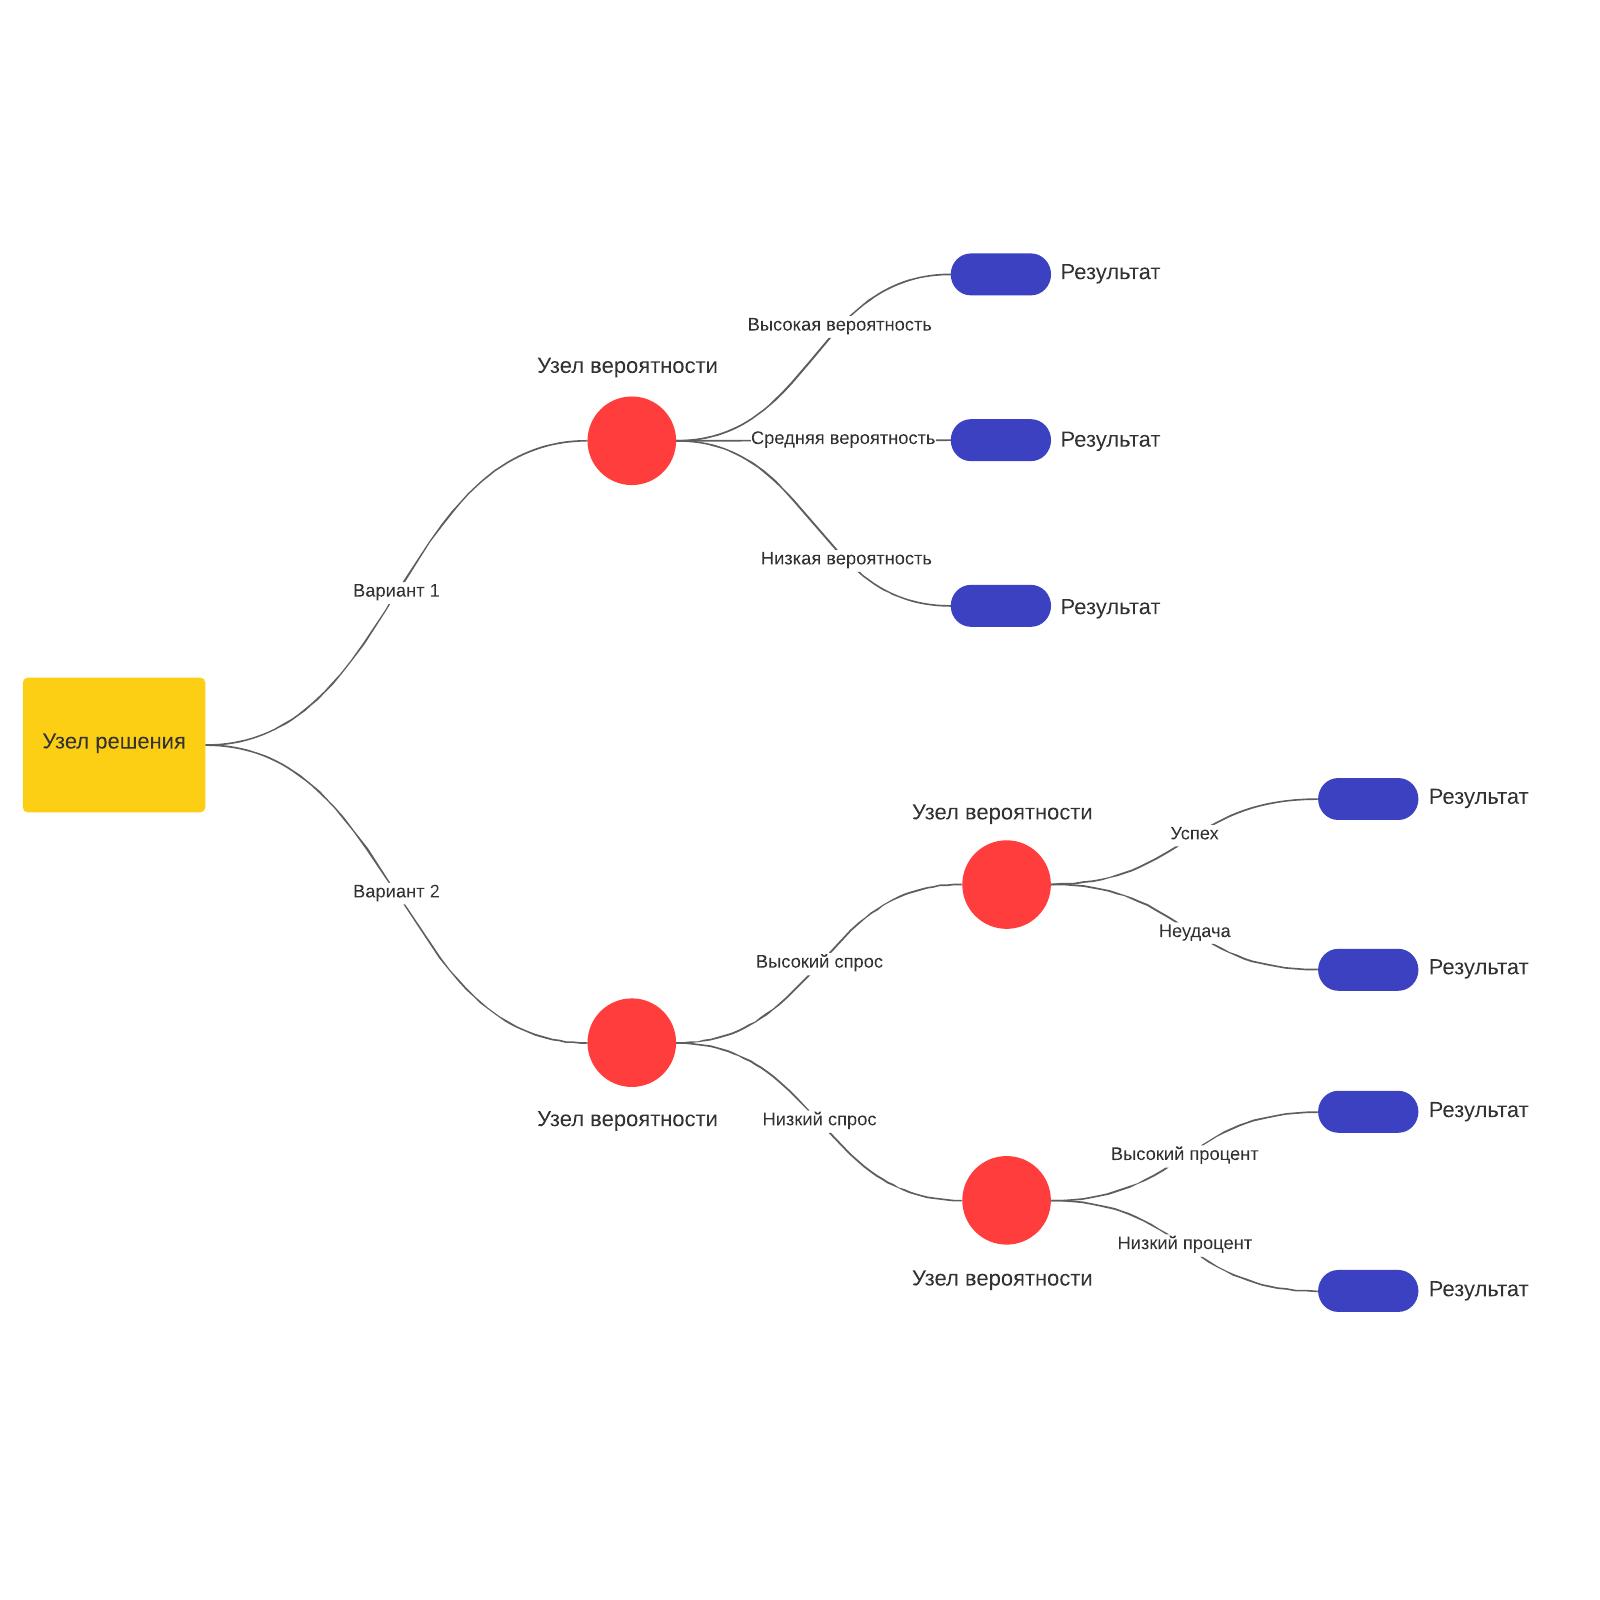 Шаблон дерева решений